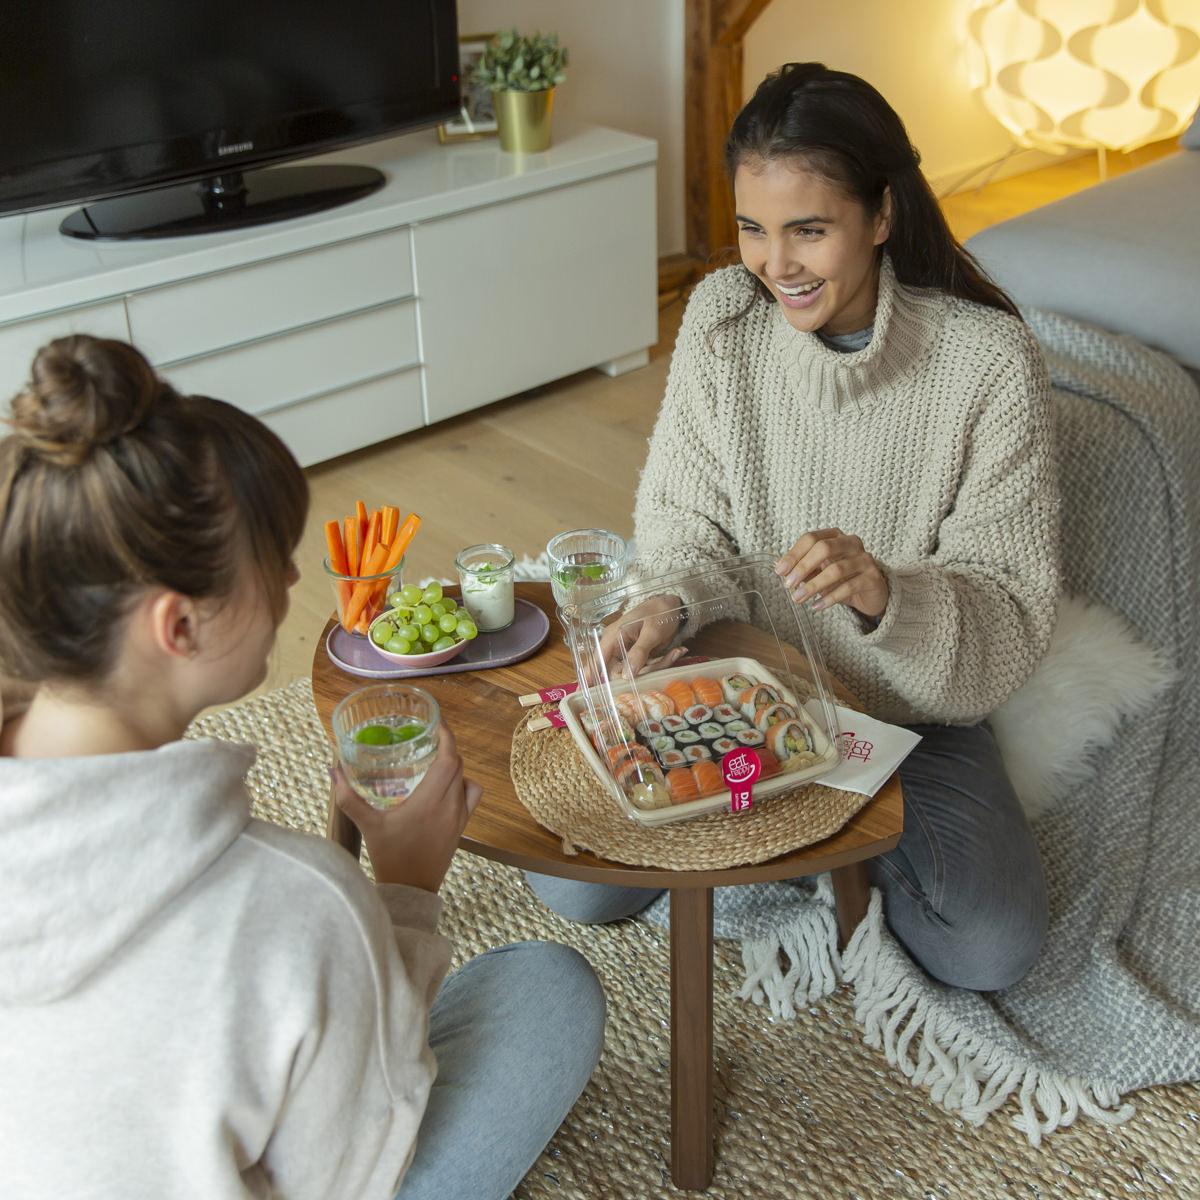 Social Media Content Fotografie Köln: 2 Freundinnen öffnen zu Hause ihre Schachtel mit Sushi von EatHappy | Foto: Hanna Witte